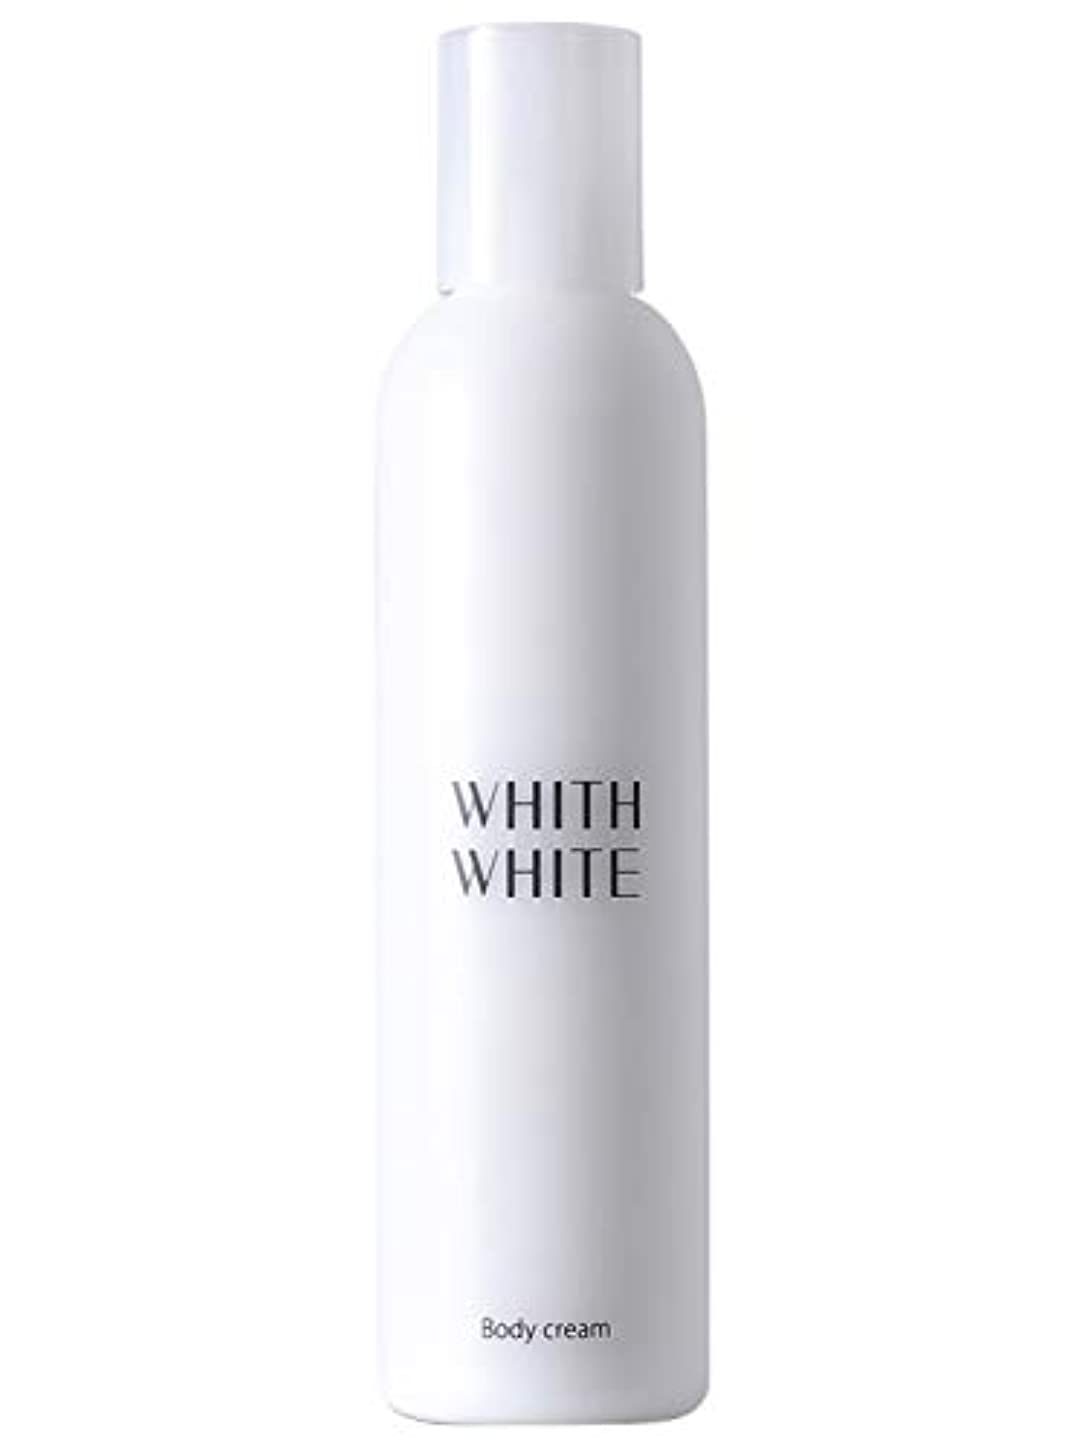 四分円教授北方フィス ホワイト 保湿 ボディクリーム 「顔 かかと 全身 乾燥肌 しみ くすみ 用 エモリエント 保湿クリーム 」200g